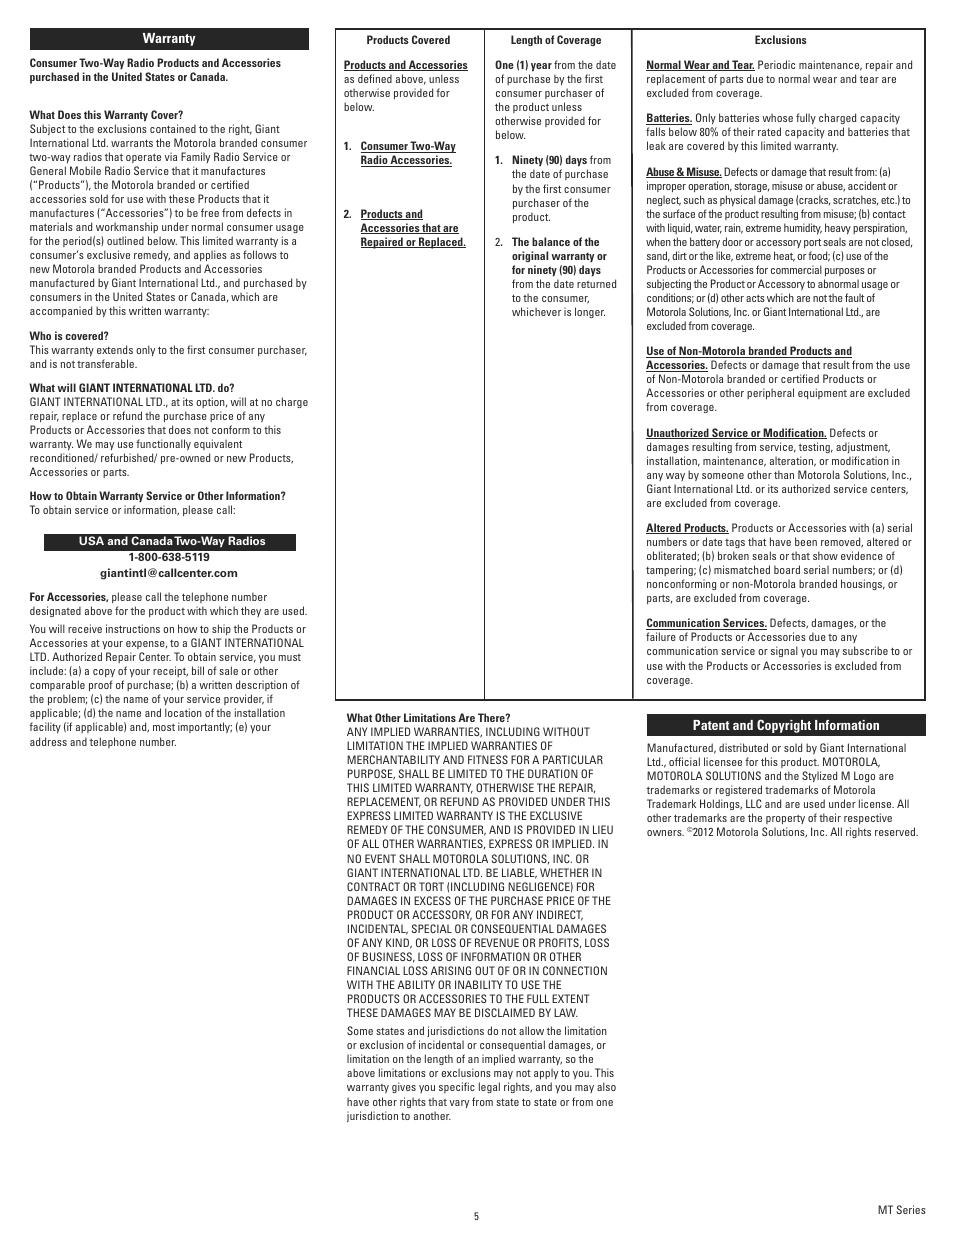 Motorola Kem-ml34301 User Manual | Page 5 / 5